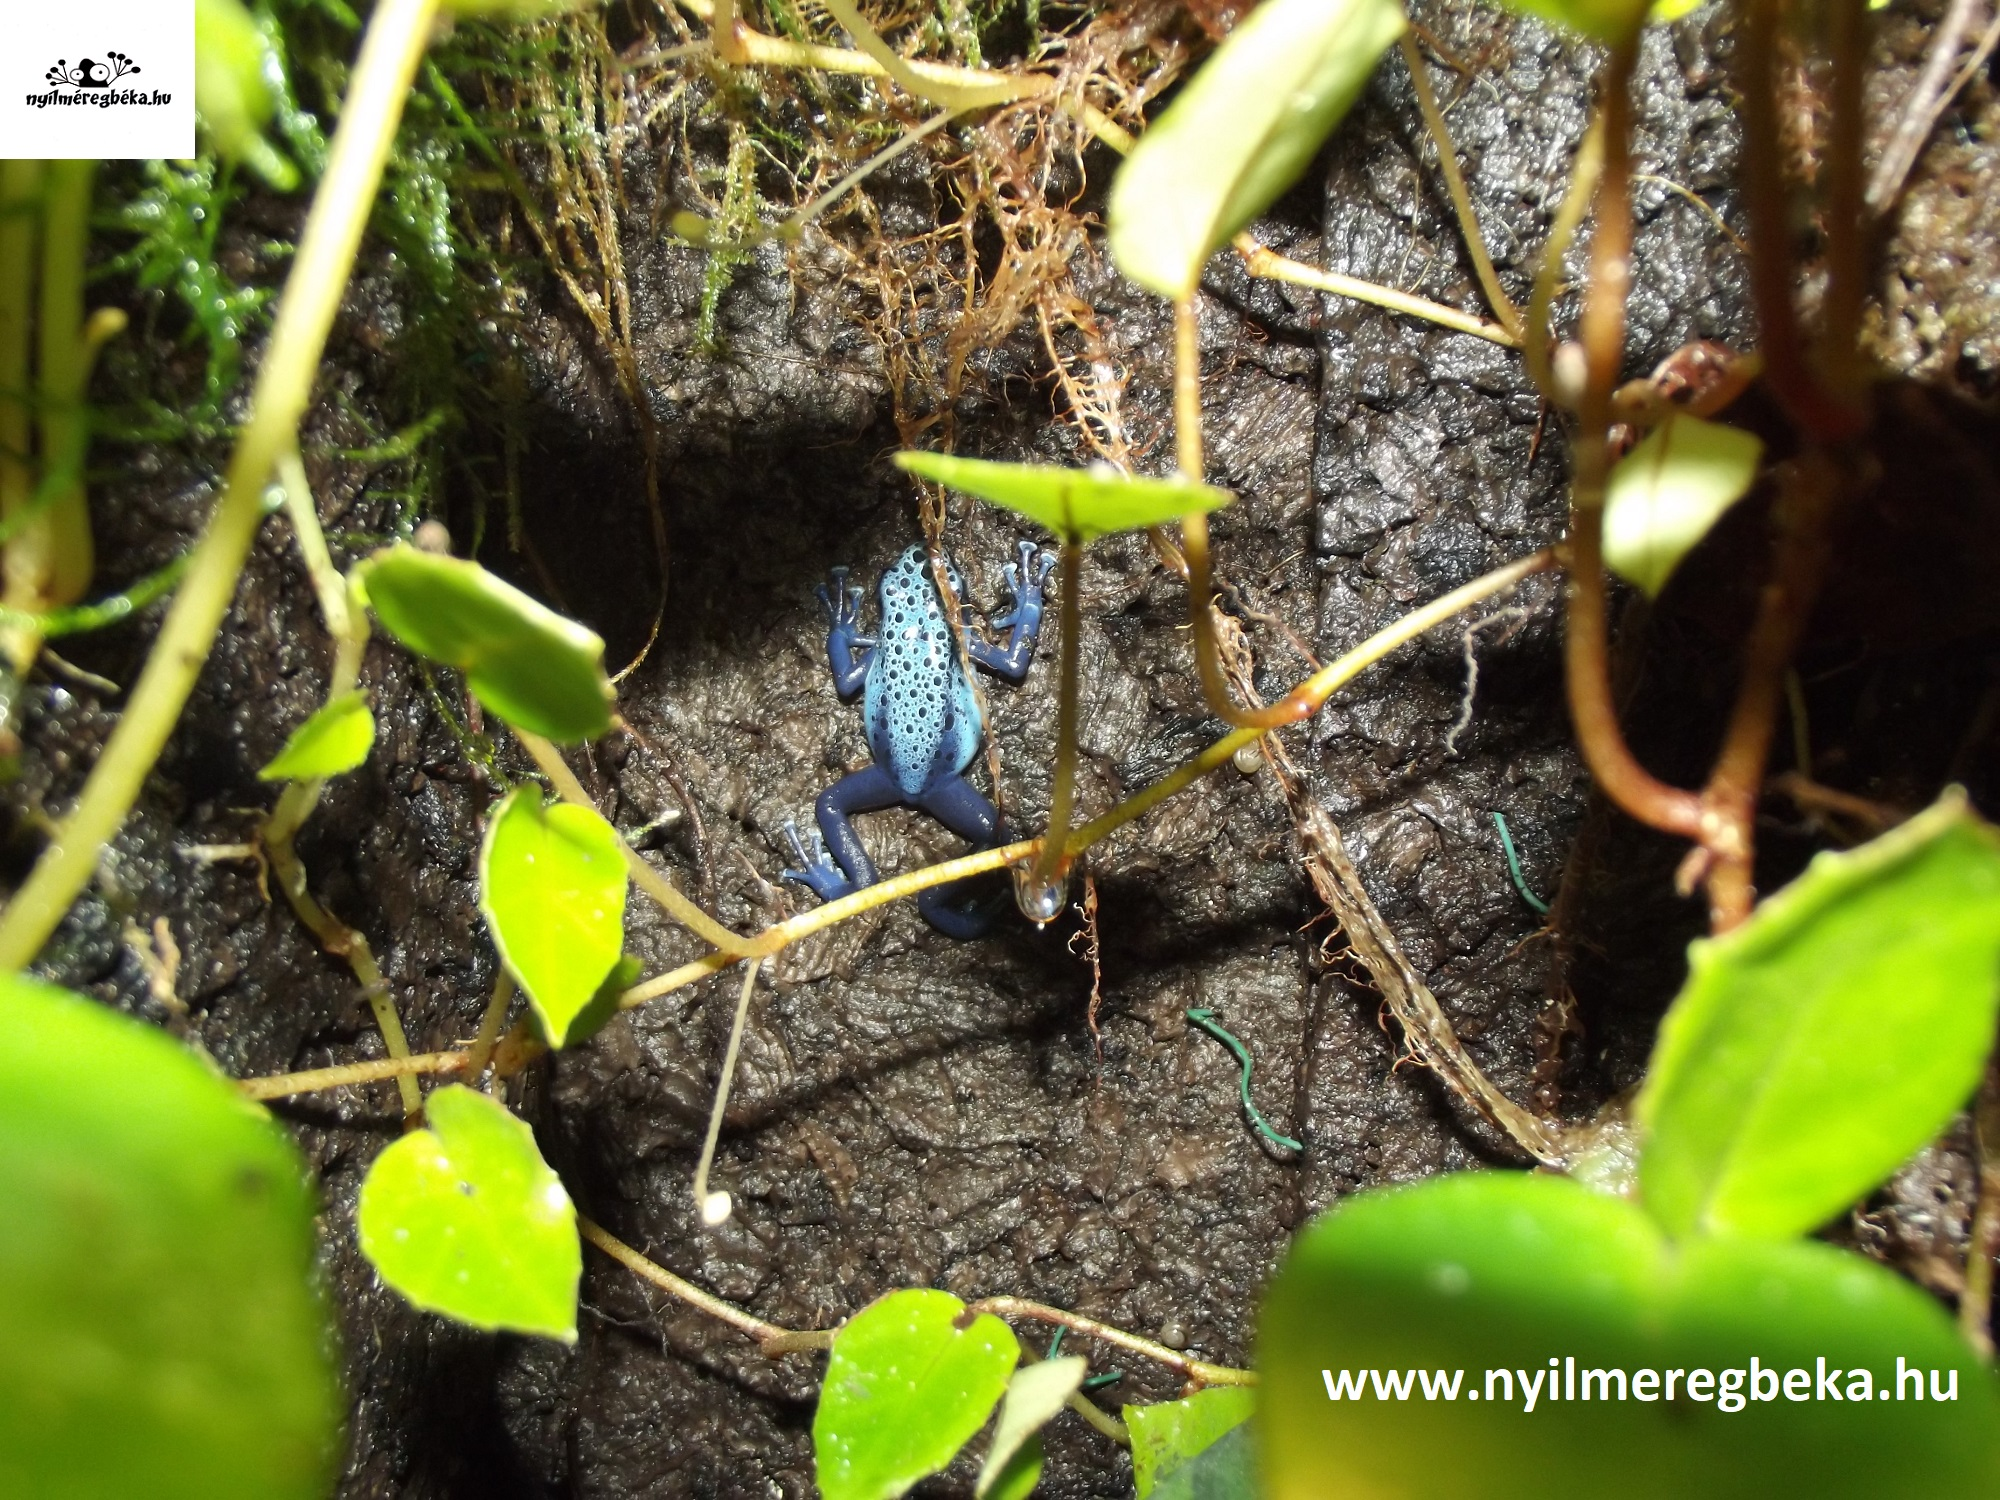 kék nyílméregbéka